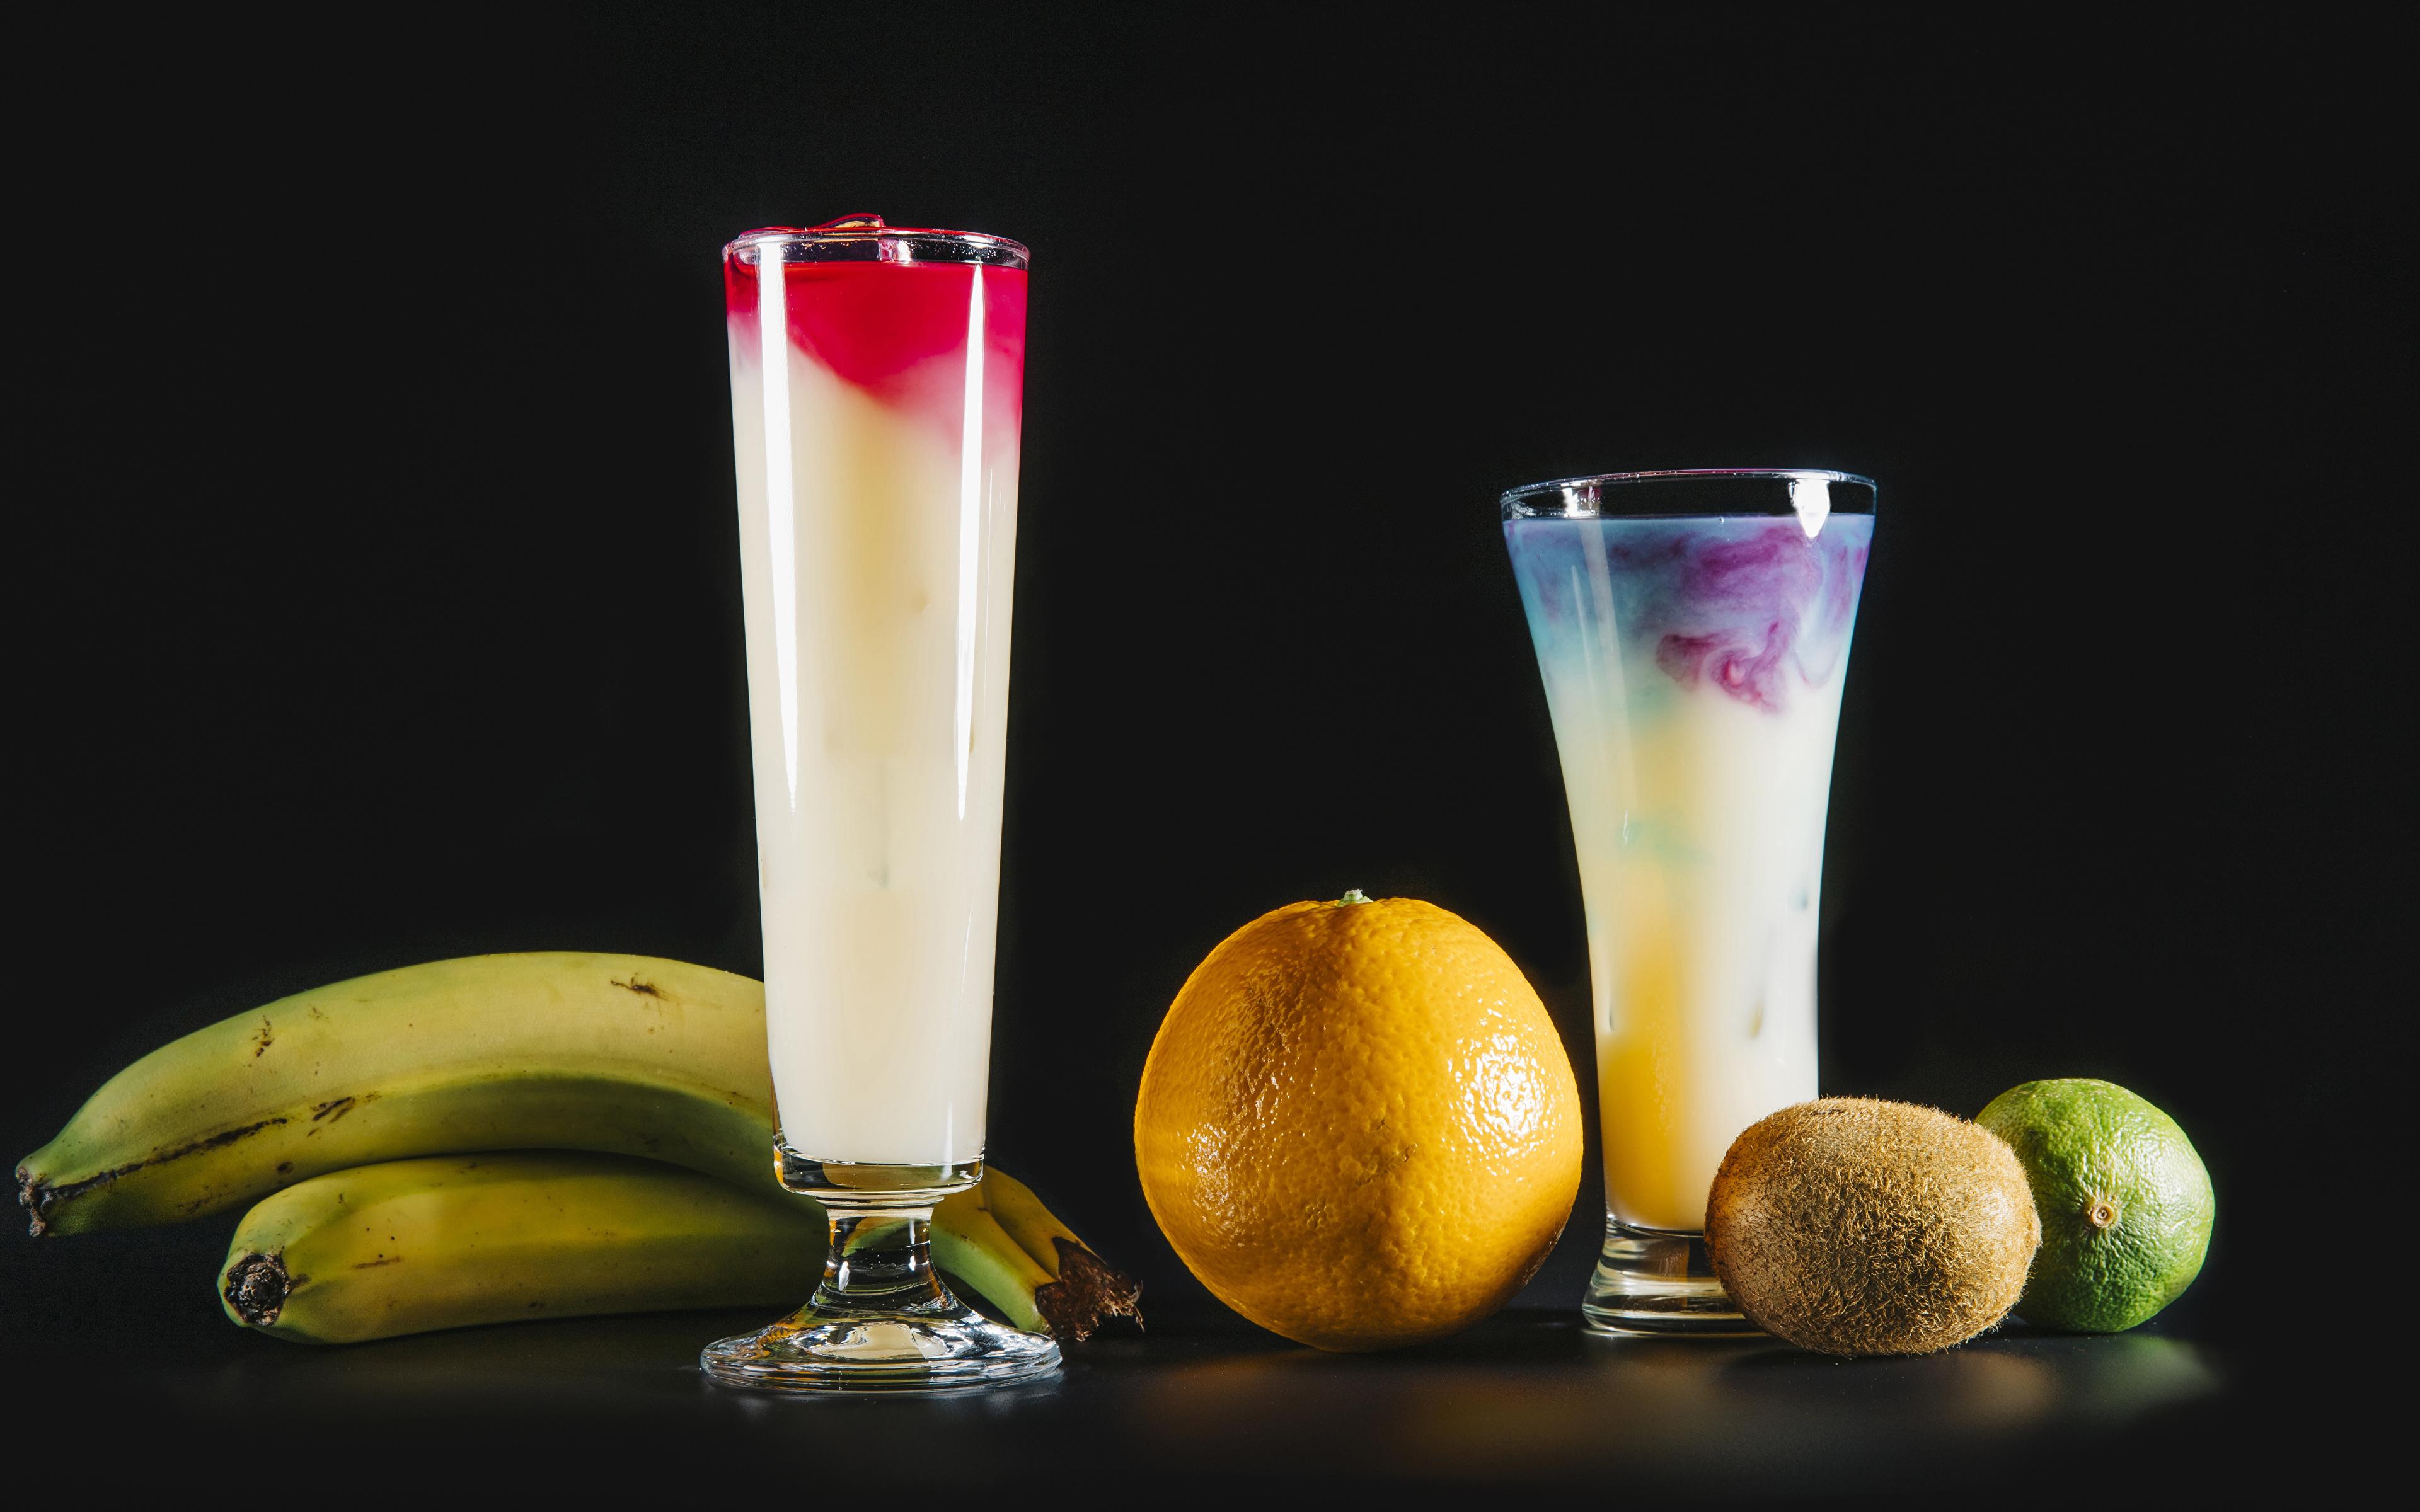 Обои для рабочего стола Апельсин Киви Бананы стакане Пища Коктейль Черный фон 3840x2400 Стакан стакана Еда Продукты питания на черном фоне